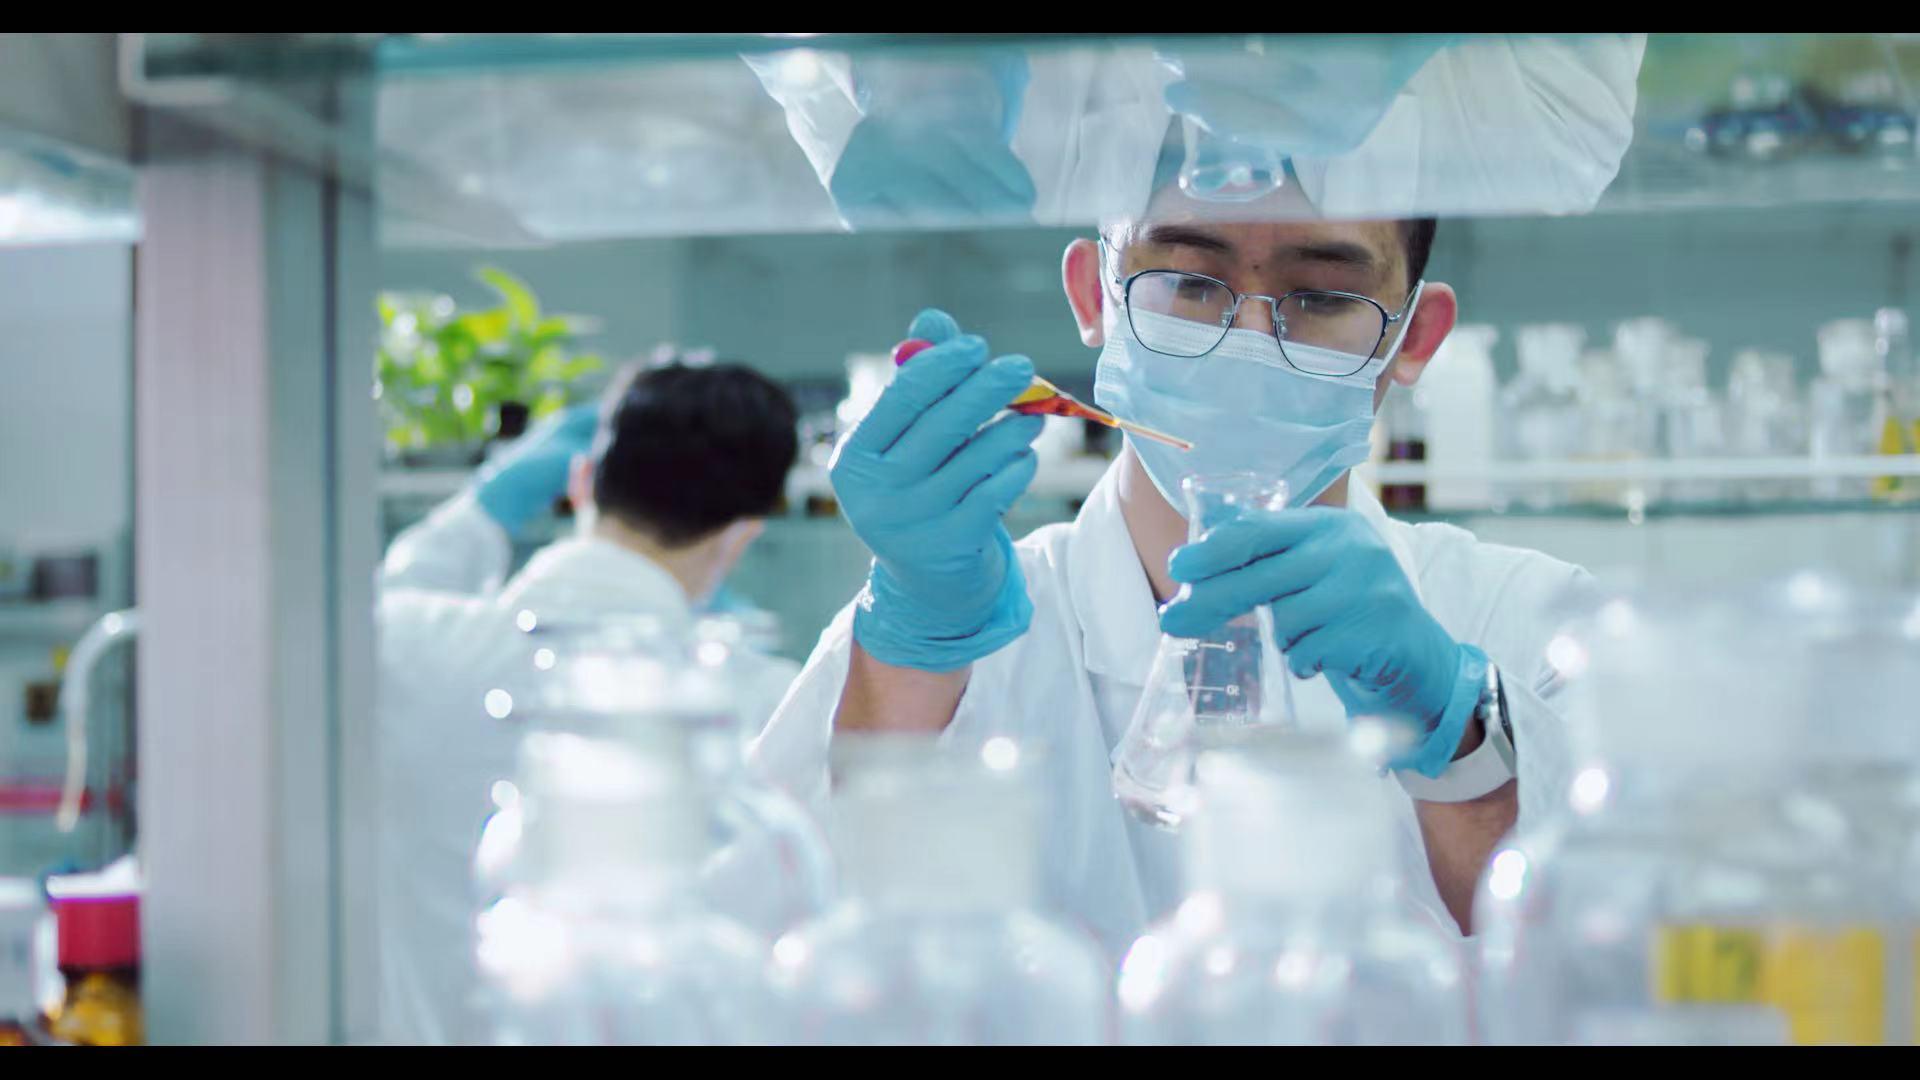 """广州:科技创新、数字化转型成为制造业高质量发展""""底色"""""""